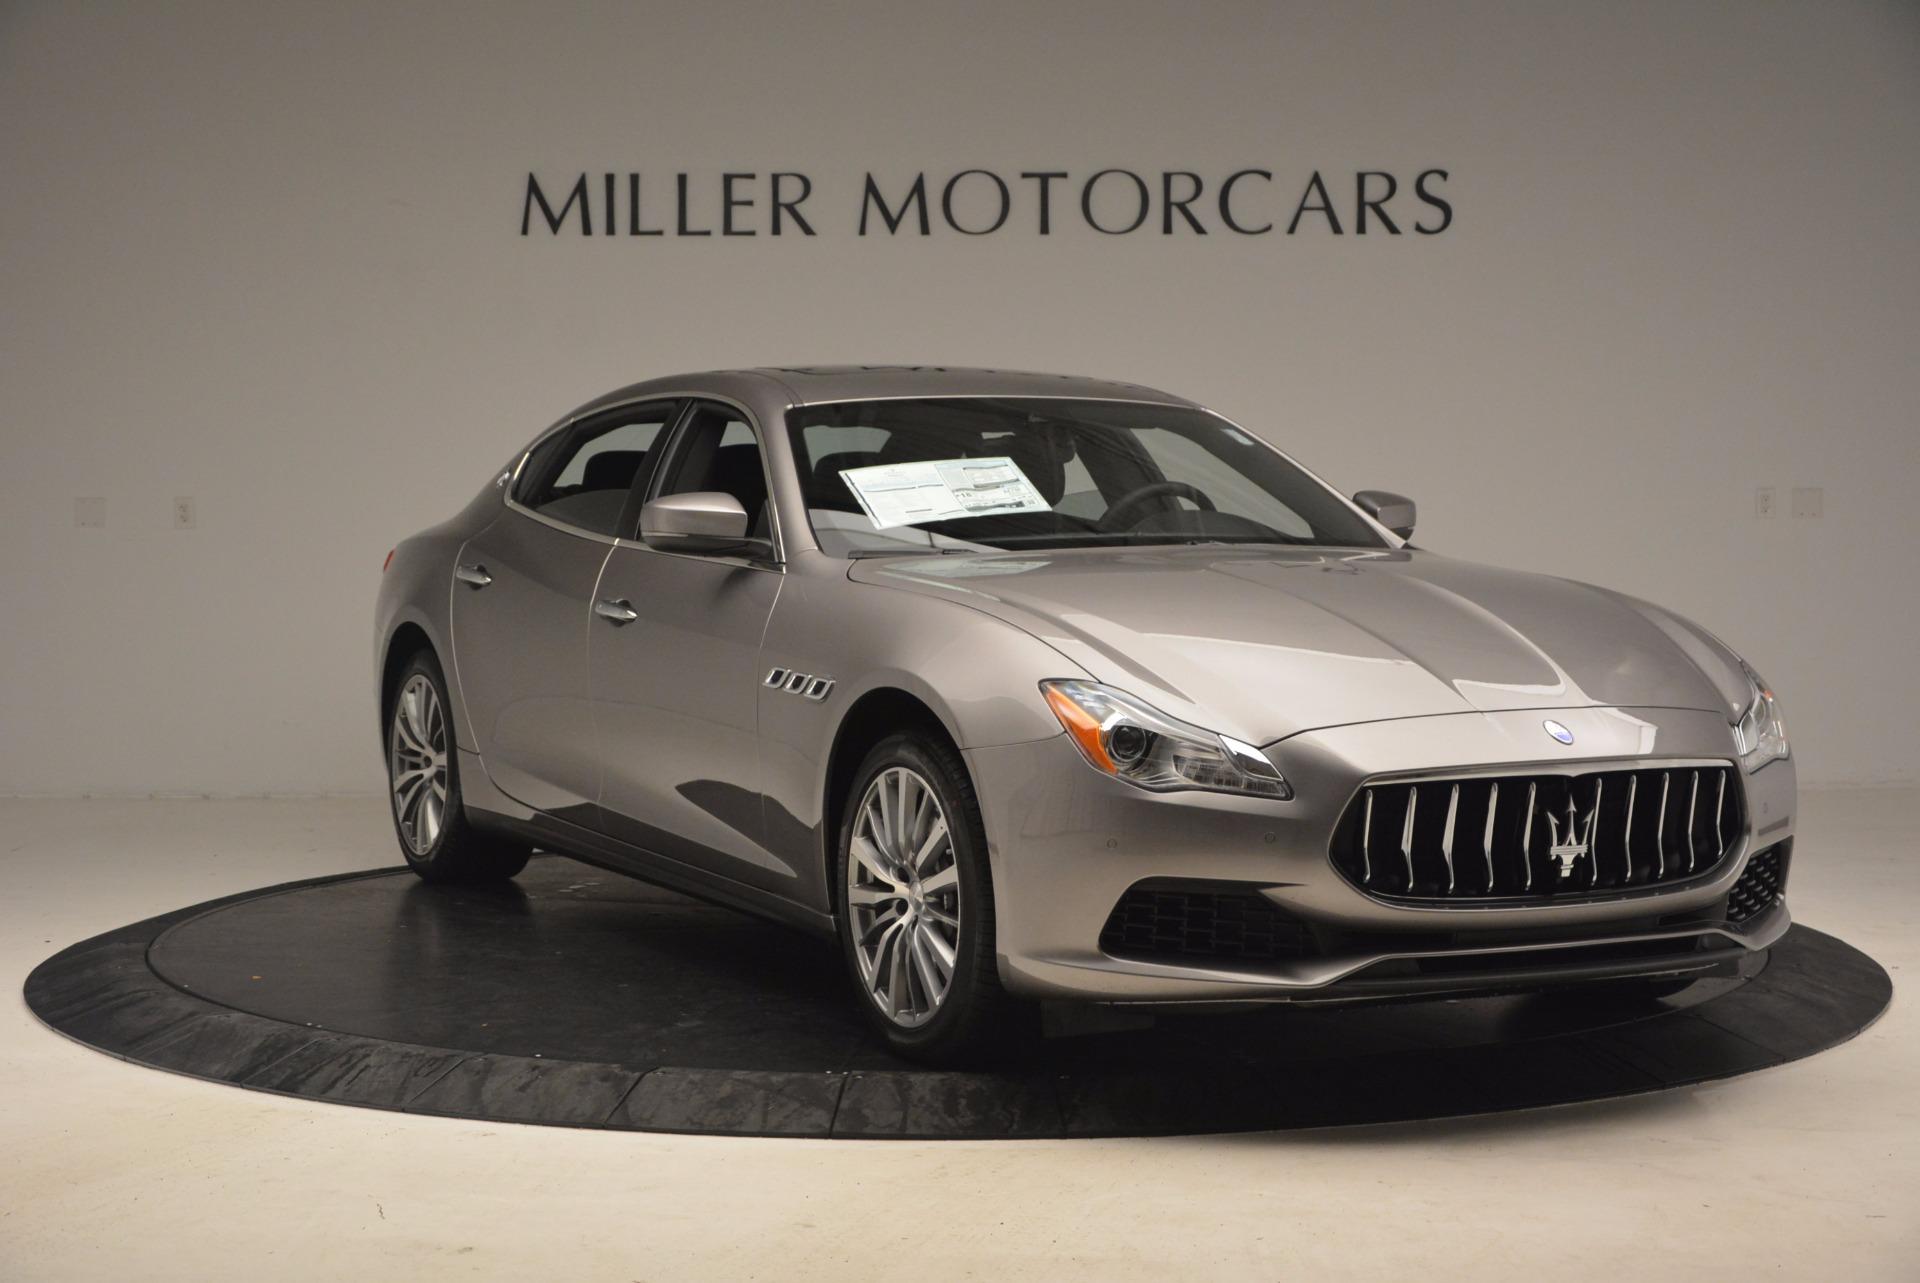 New 2017 Maserati Quattroporte SQ4 For Sale In Greenwich, CT 1090_p11